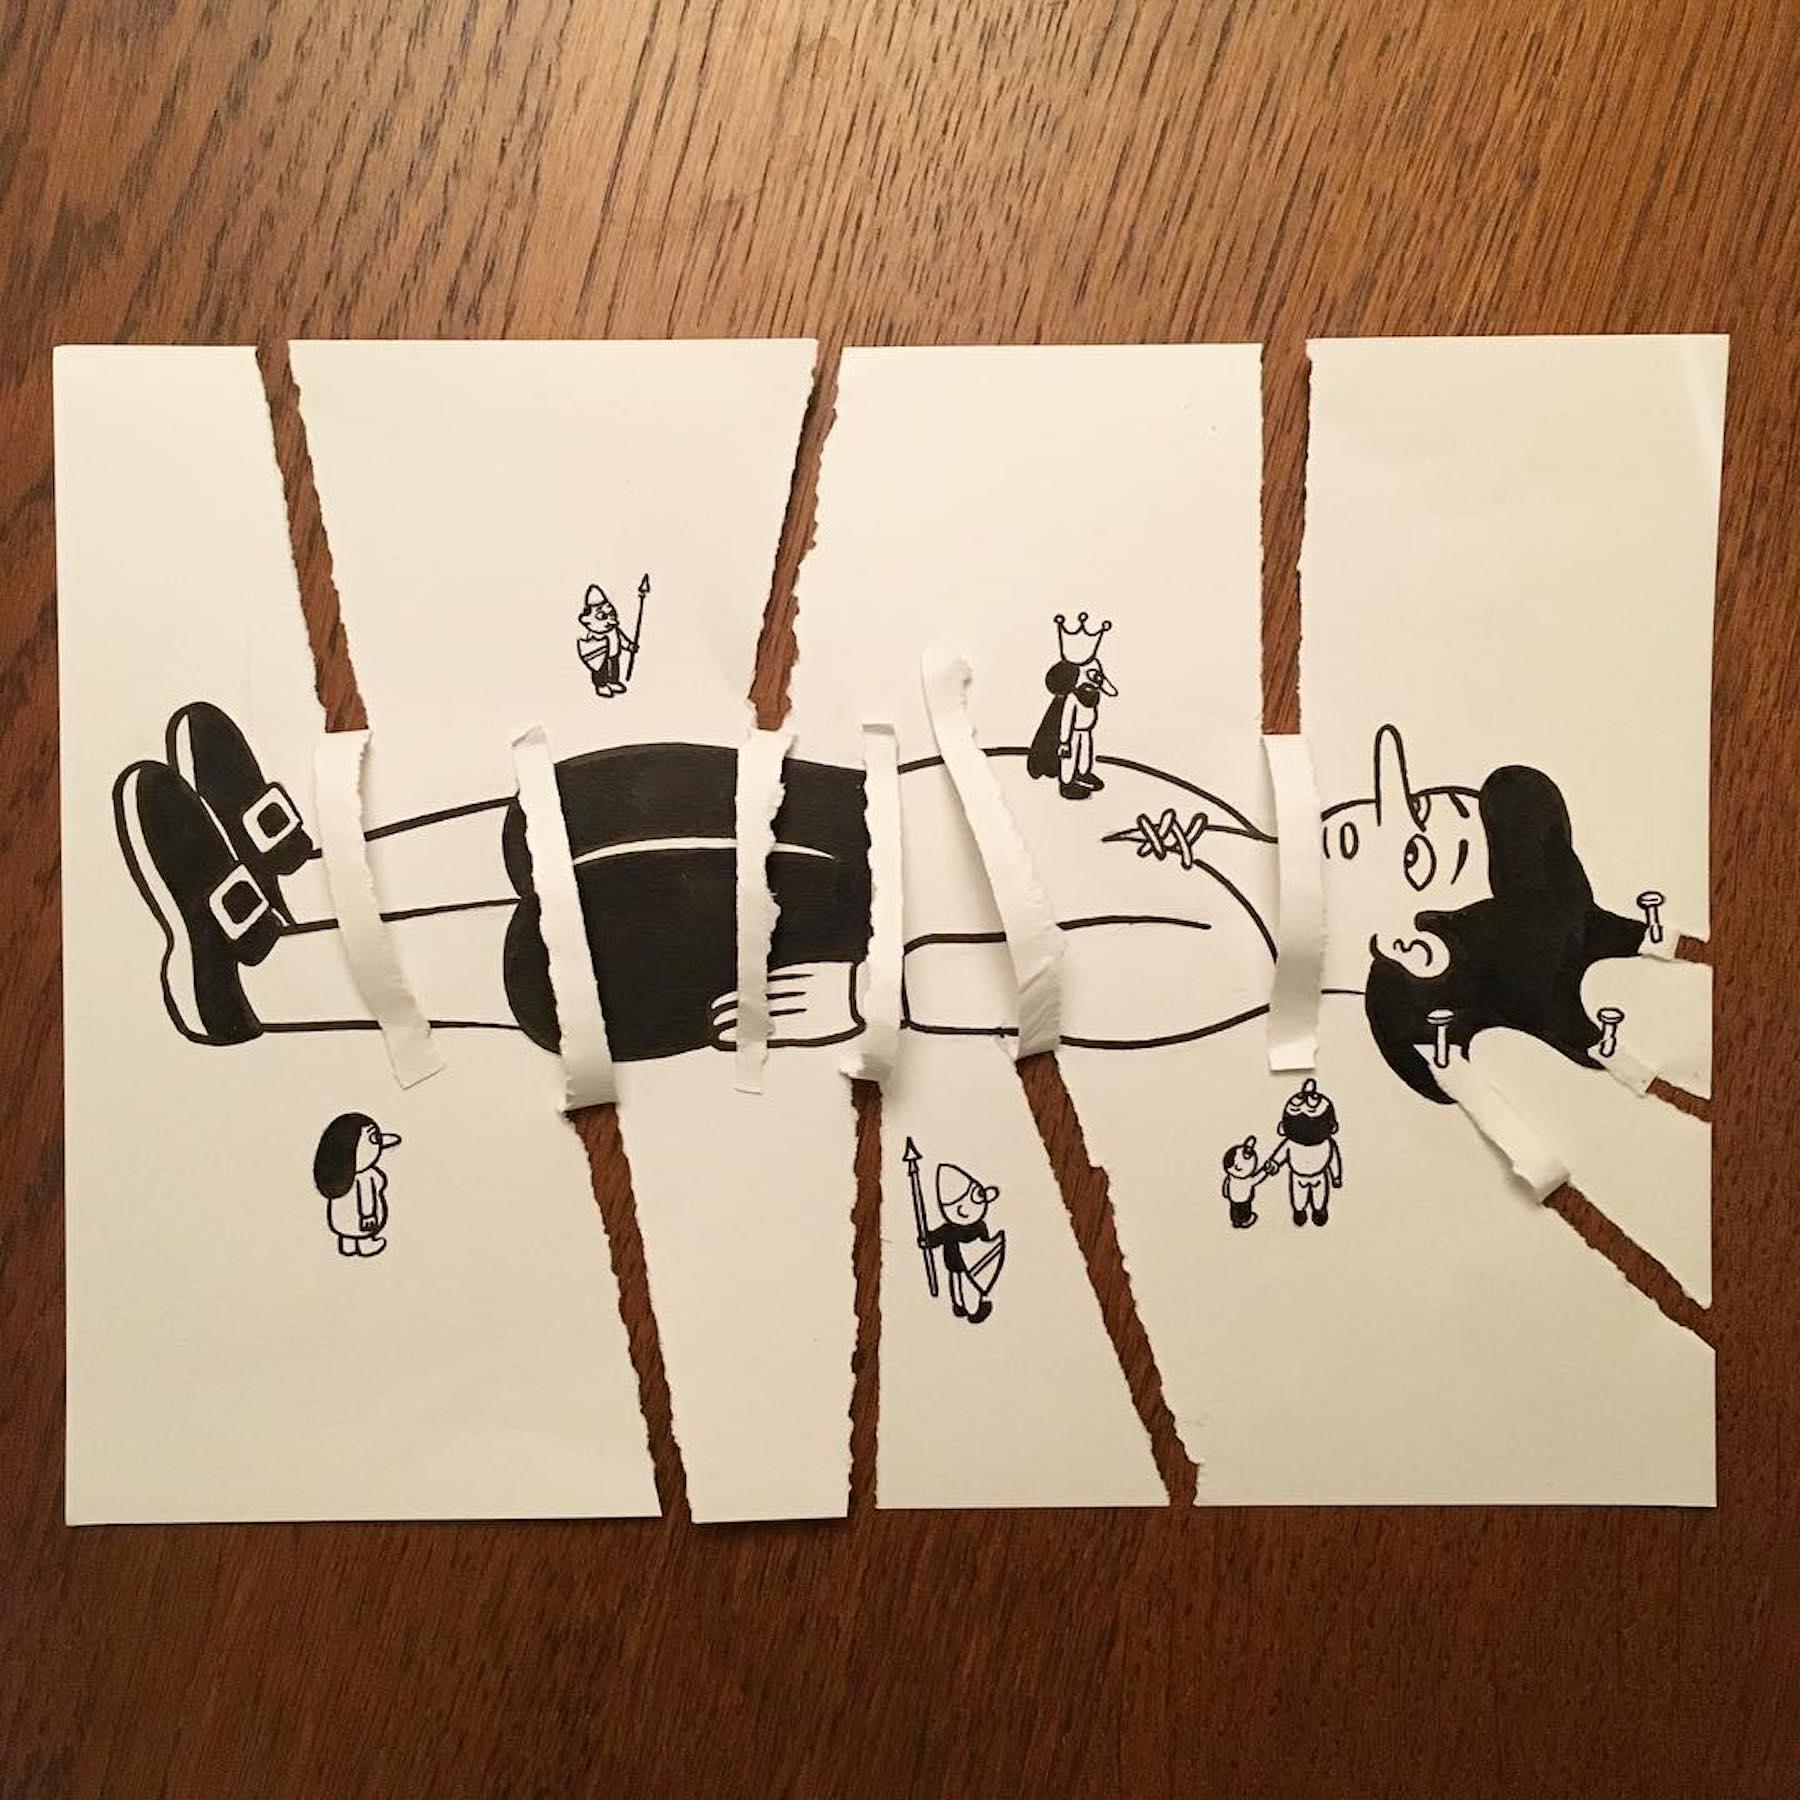 Les mises en scène amusantes de HuskMitNavn créées avec une seule feuille de papier